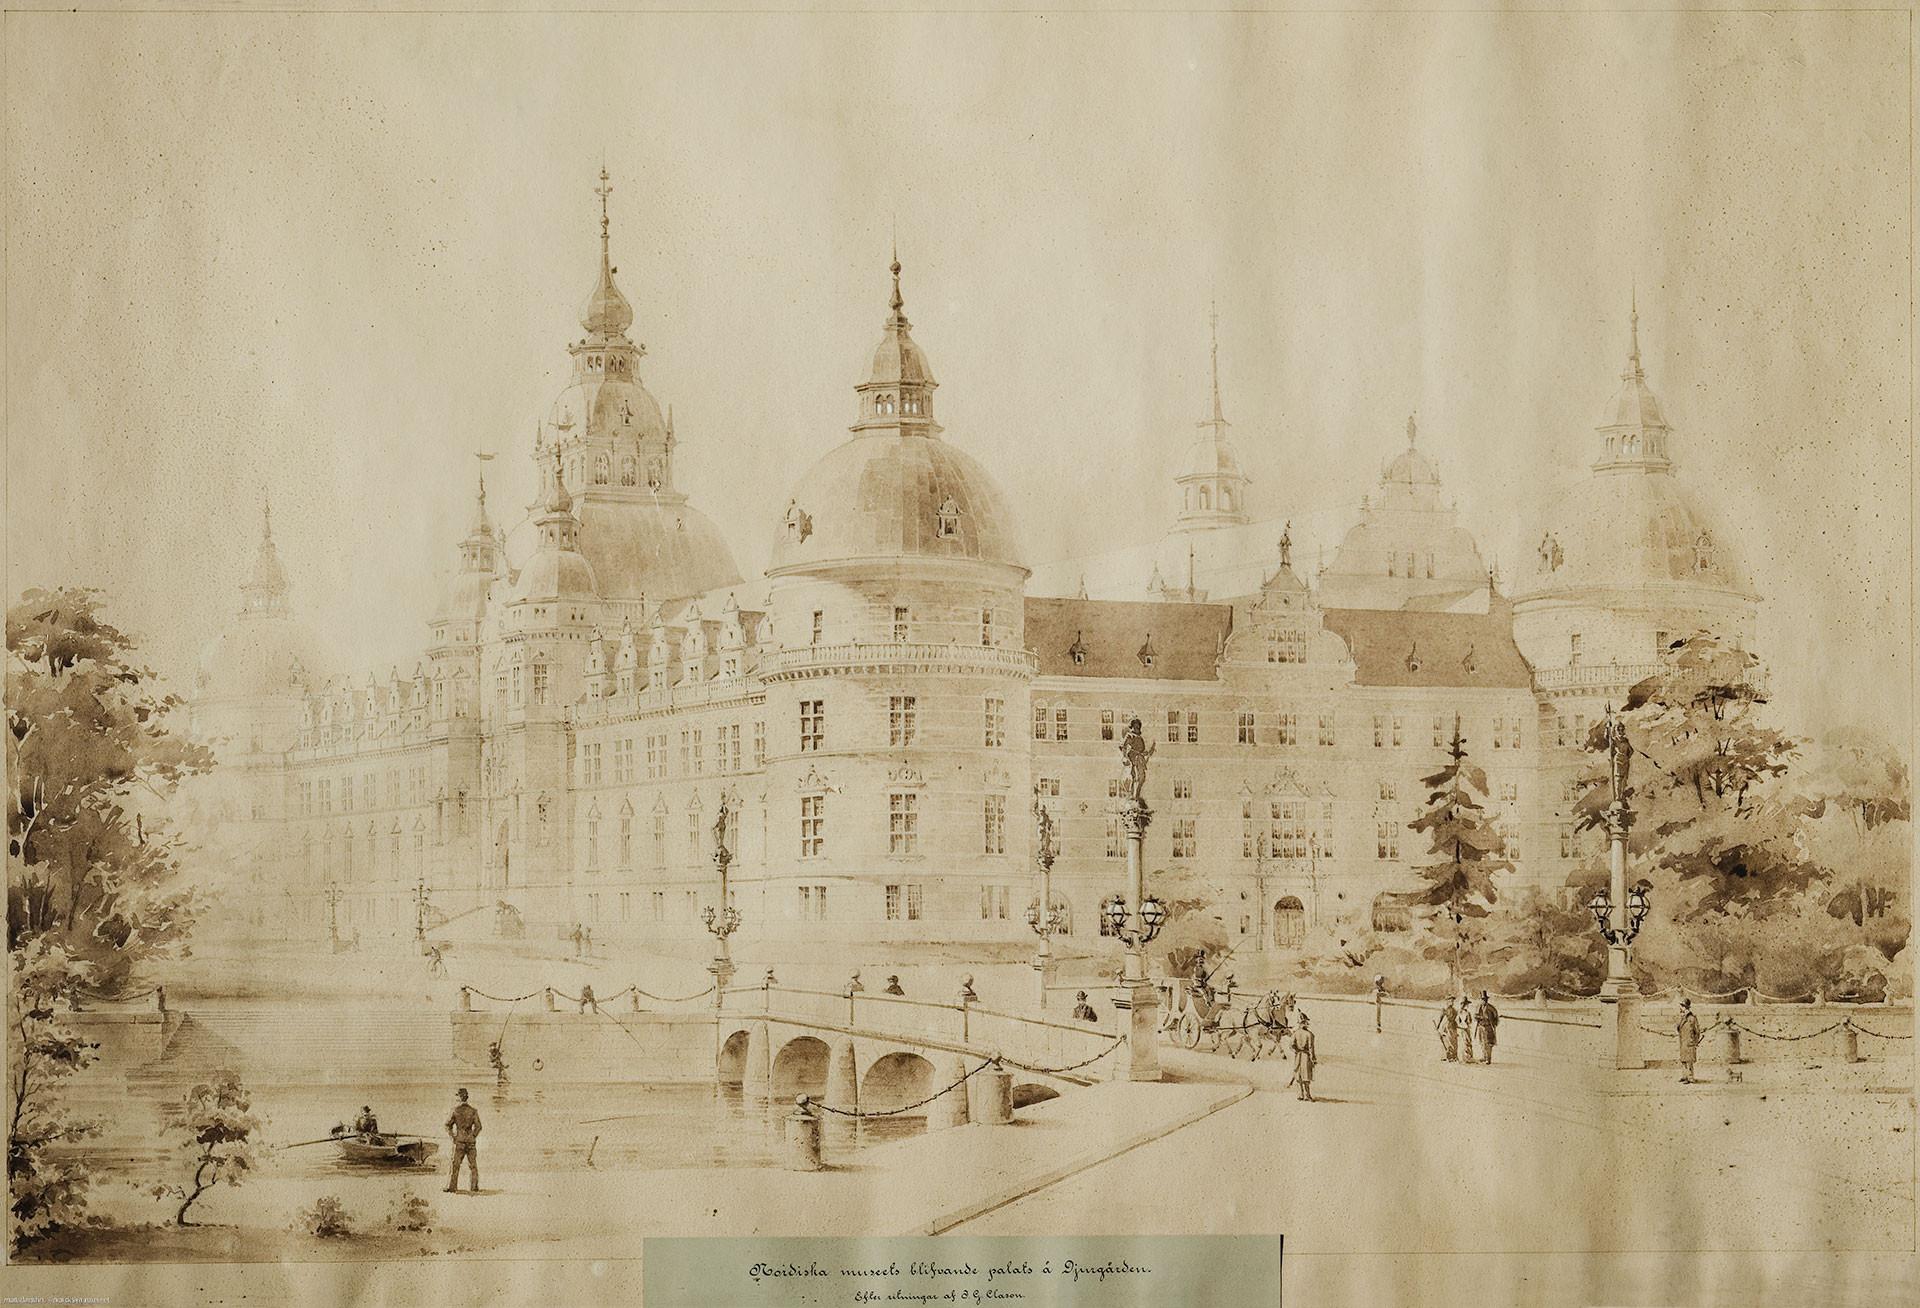 det första förslaget; en gigantisk borg som skulle bli fyra gånger så stor som den slutliga byggnaden